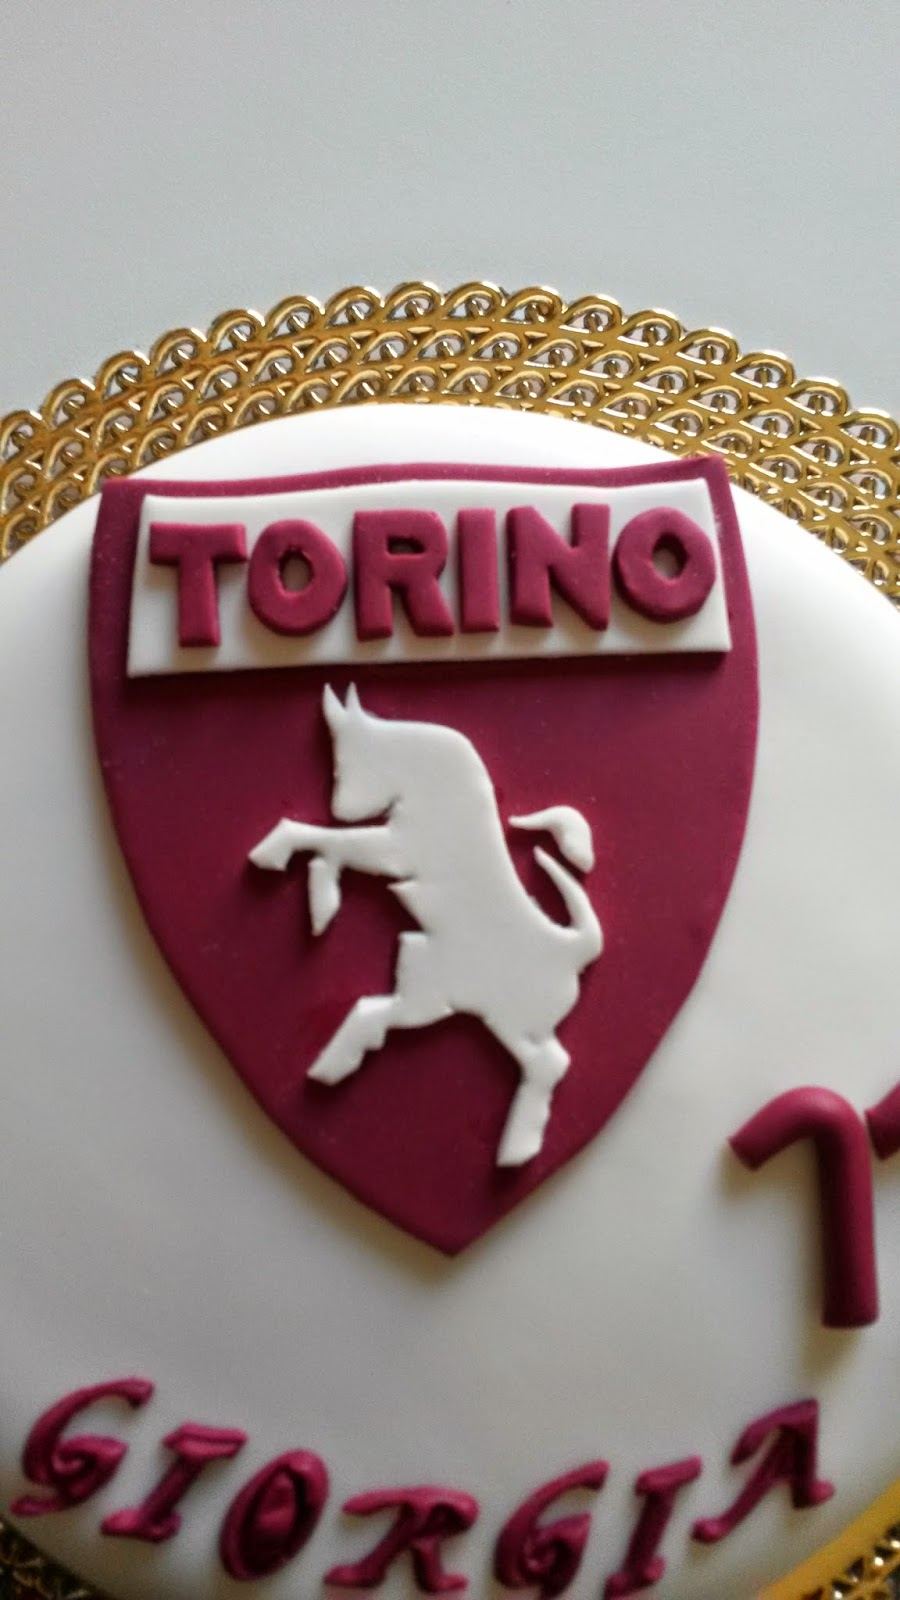 Cake Design Provincia Di Torino : Tort&Go - Delizie al Forno: Torta Torino FC